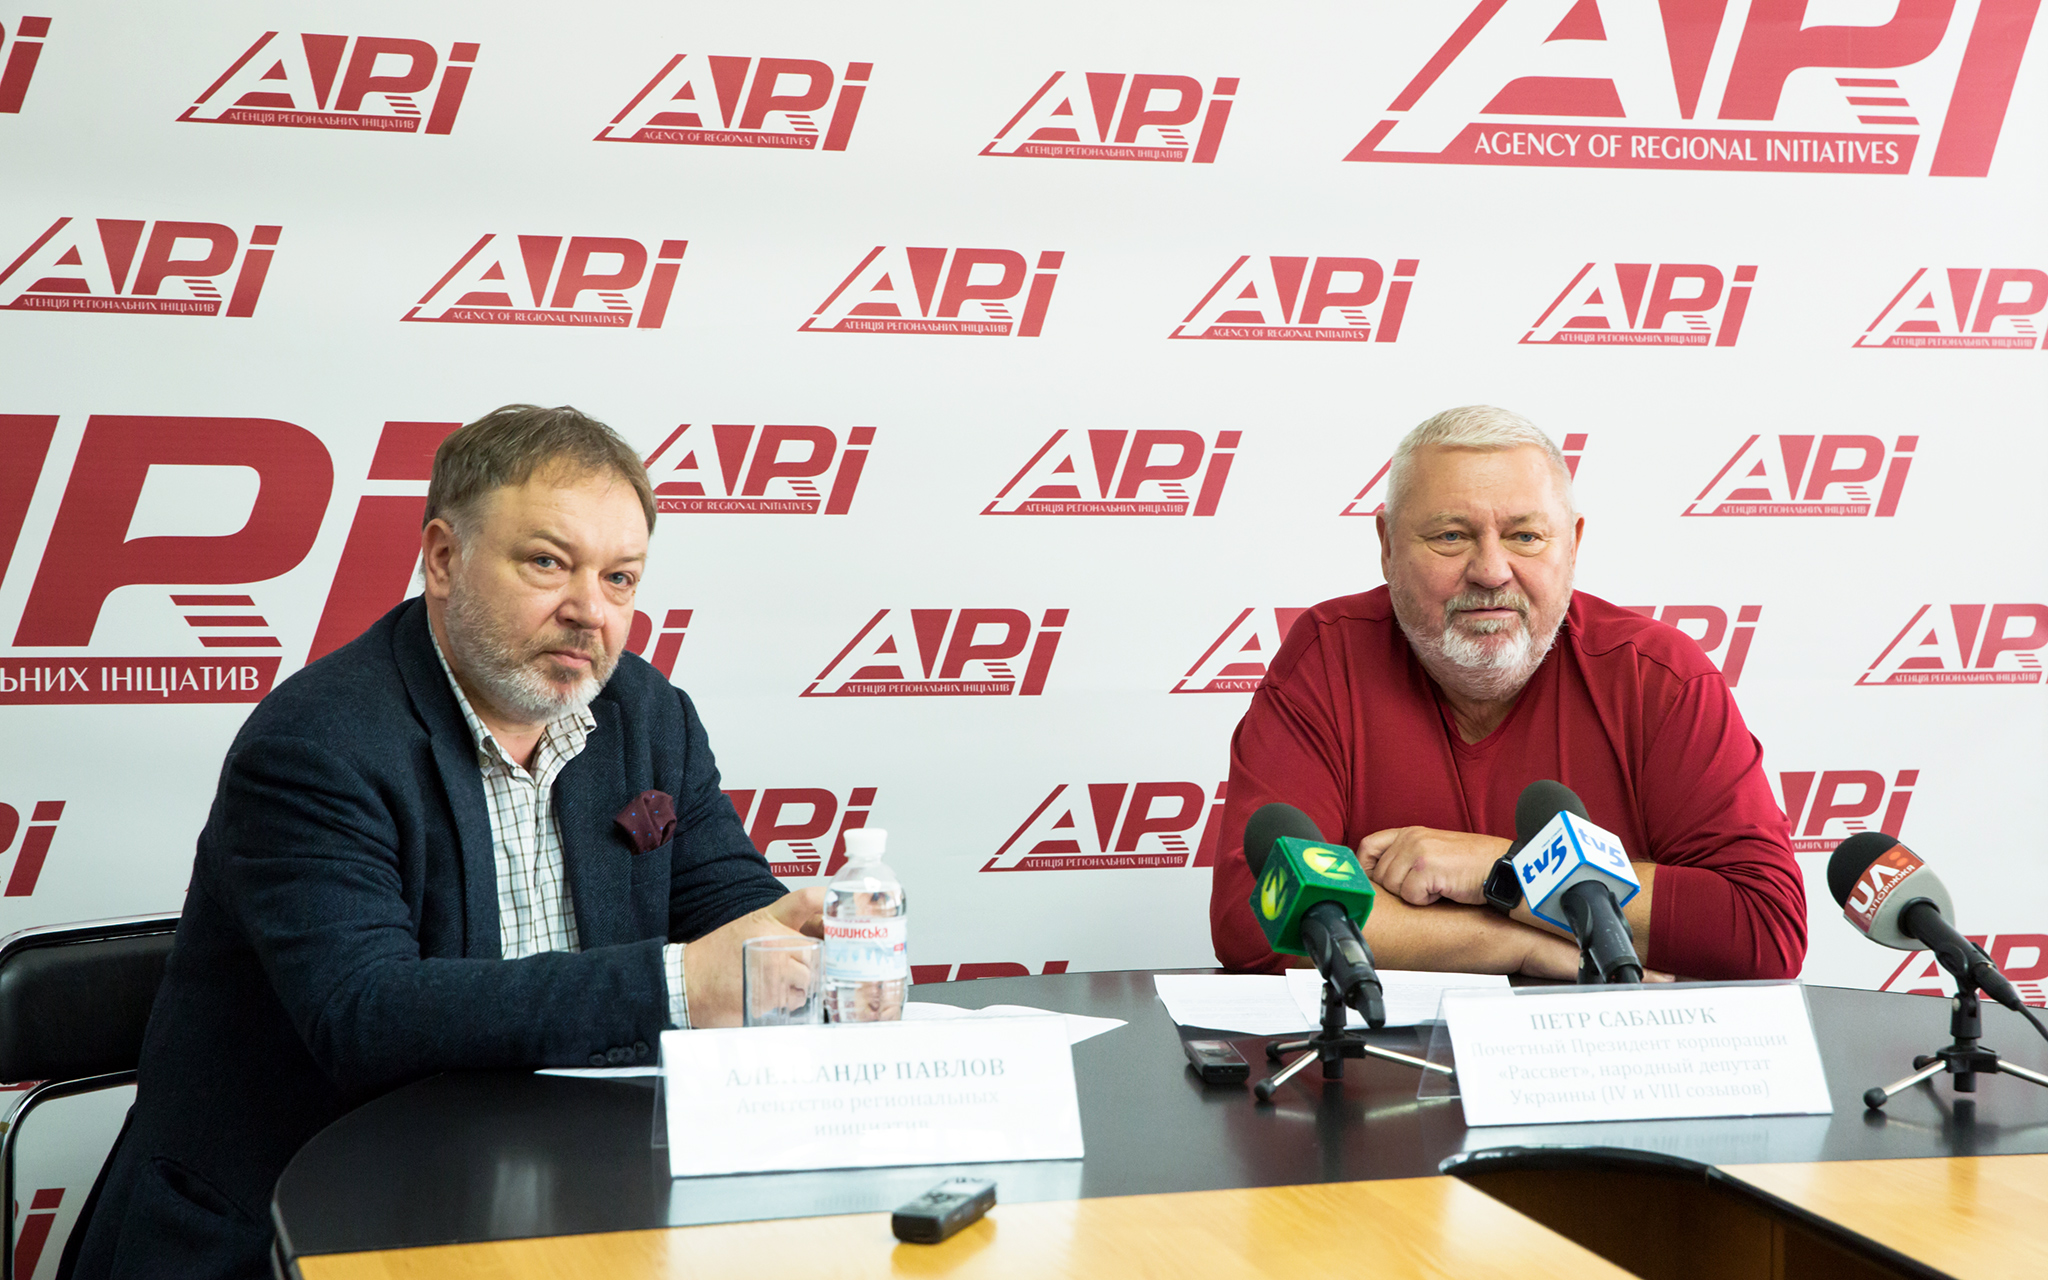 """Запорізький бізнесмен Петро Сабашук розказав про життя """"після смерті"""""""